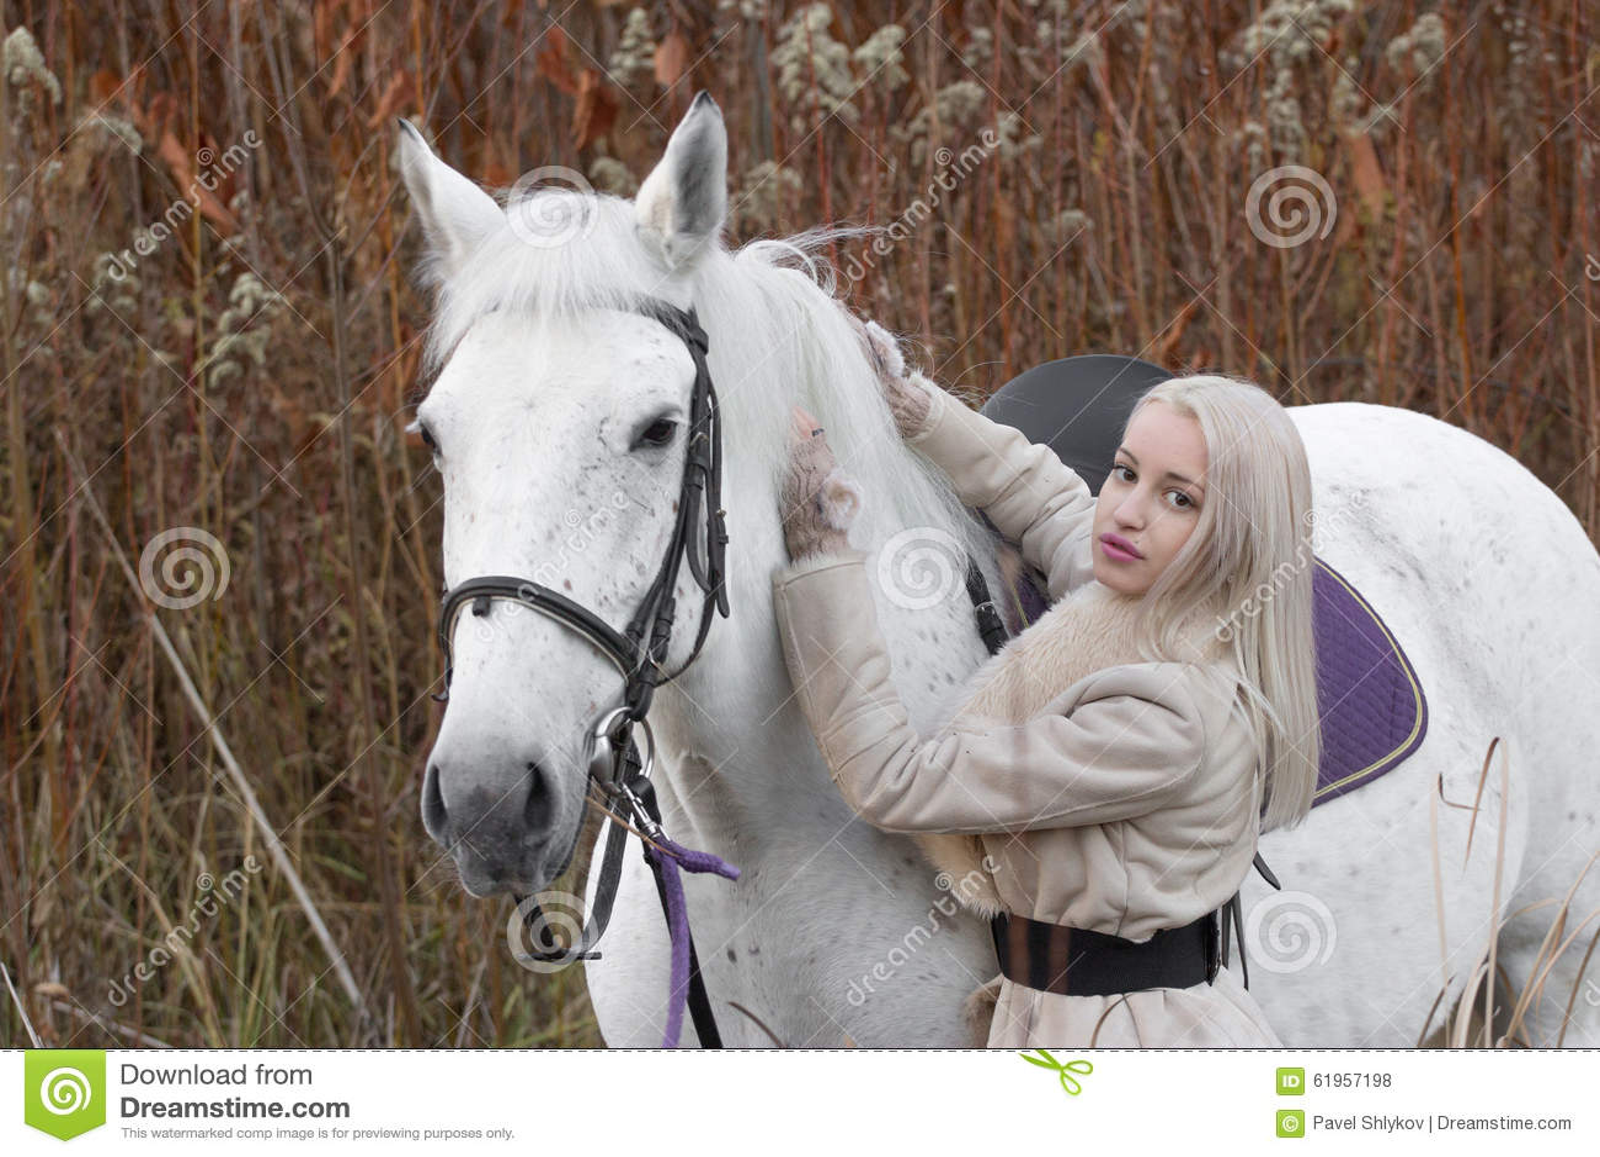 Тра с блондинкой 9 фотография